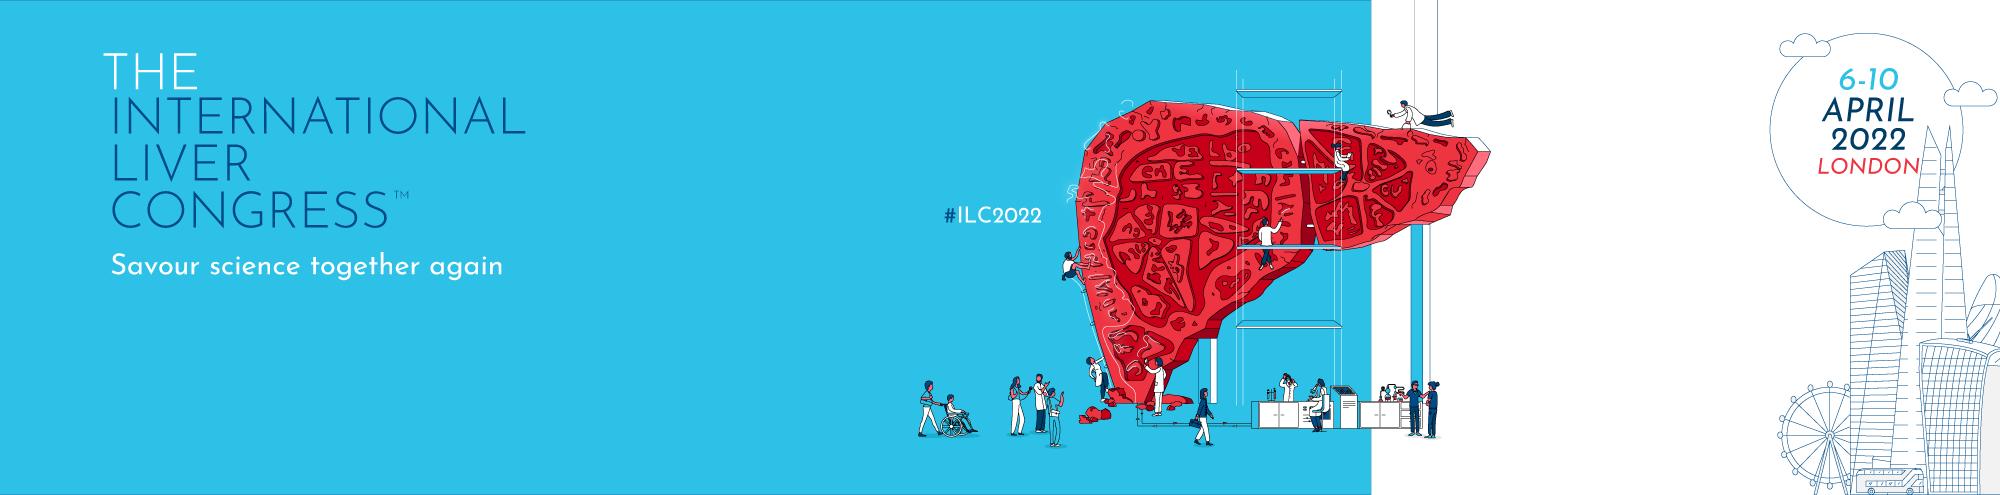 ILC 2022